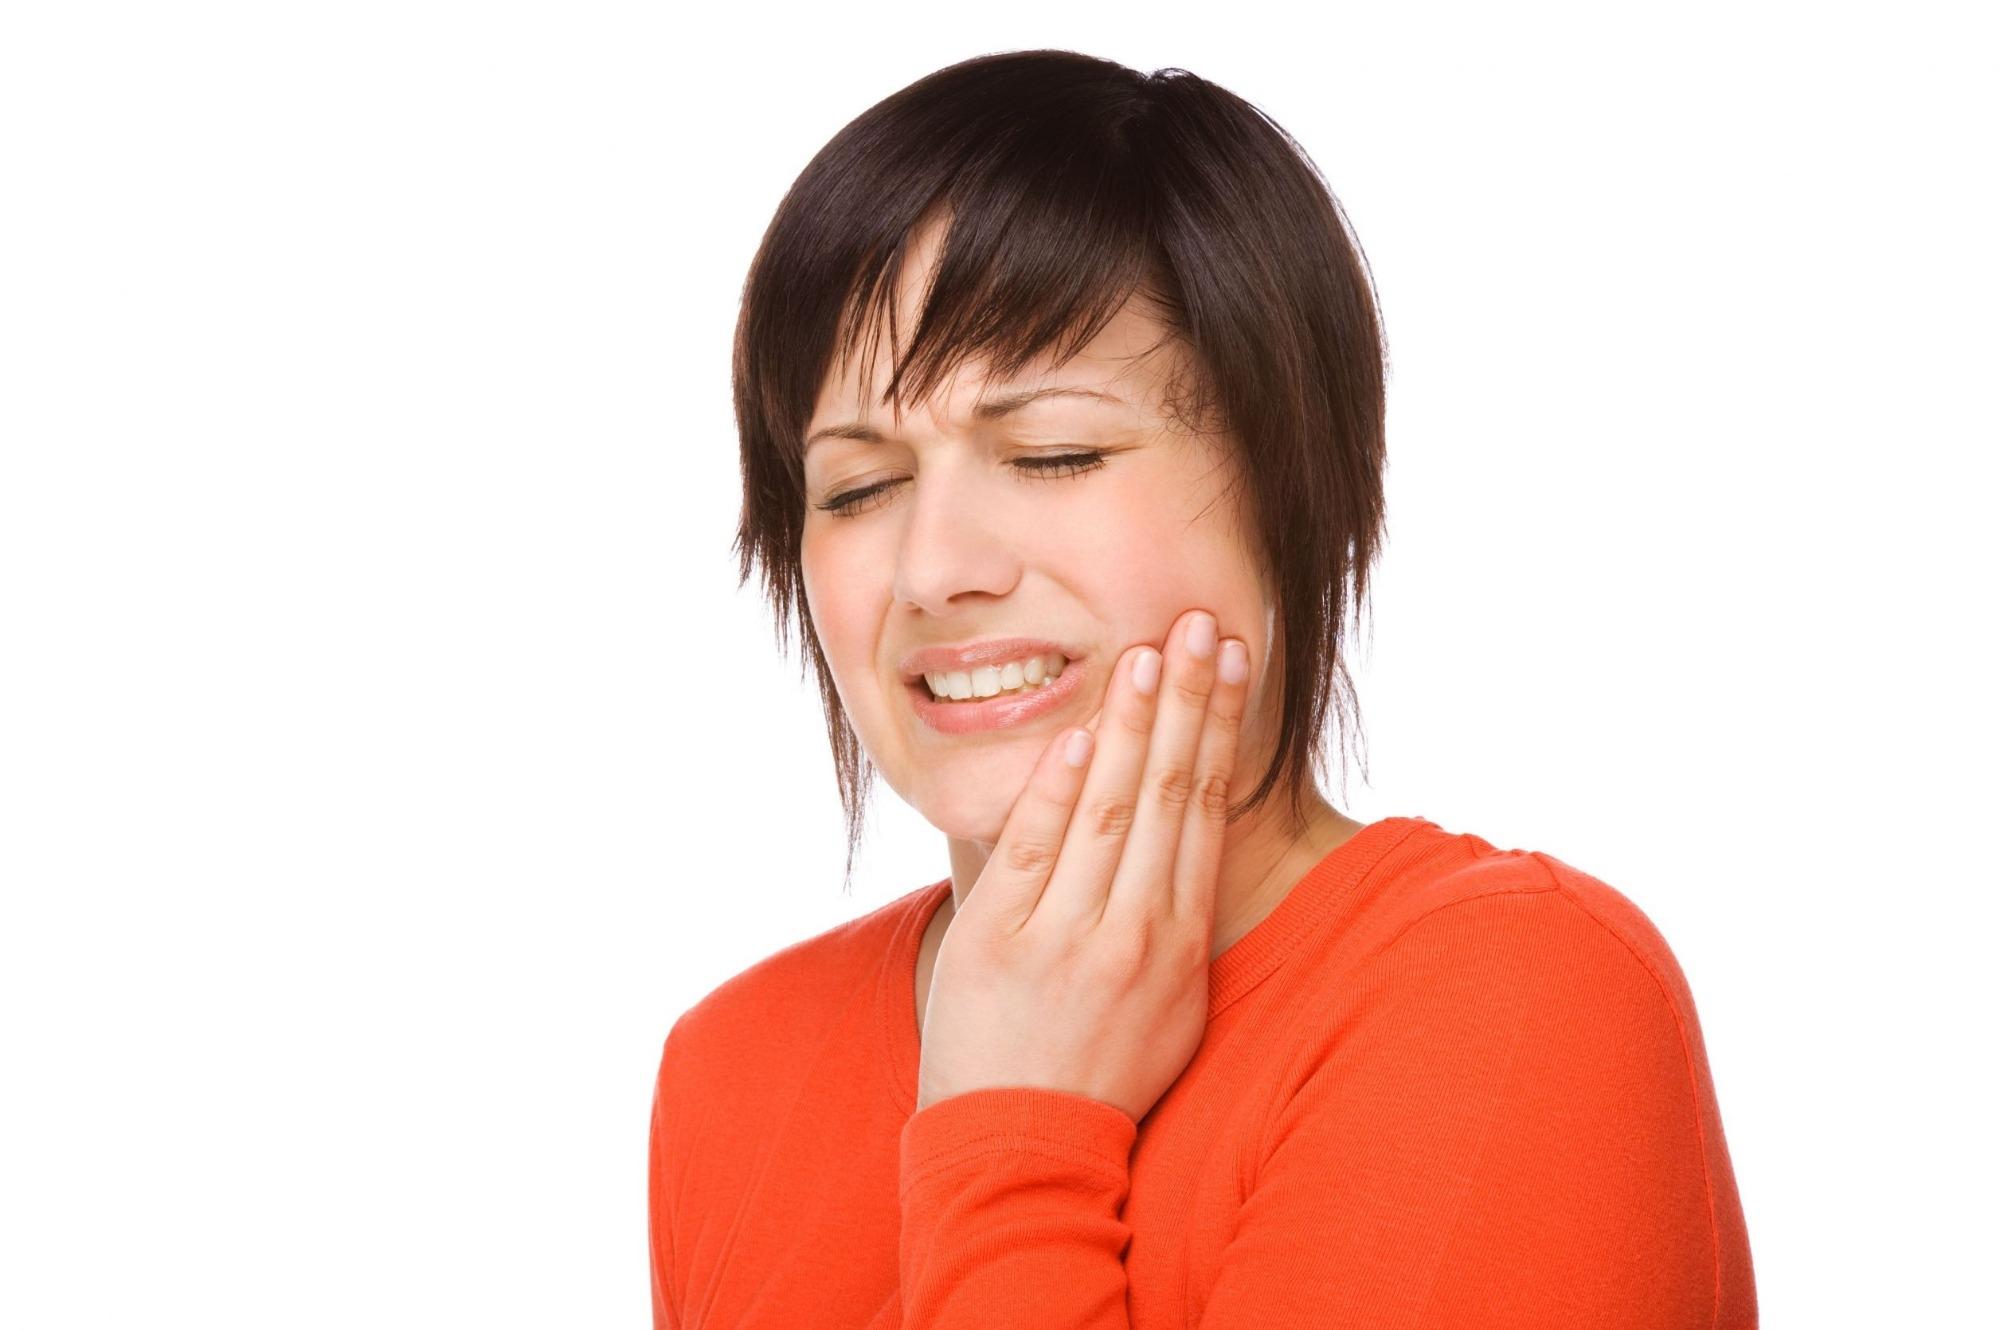 К чему снится сломанный зуб без крови